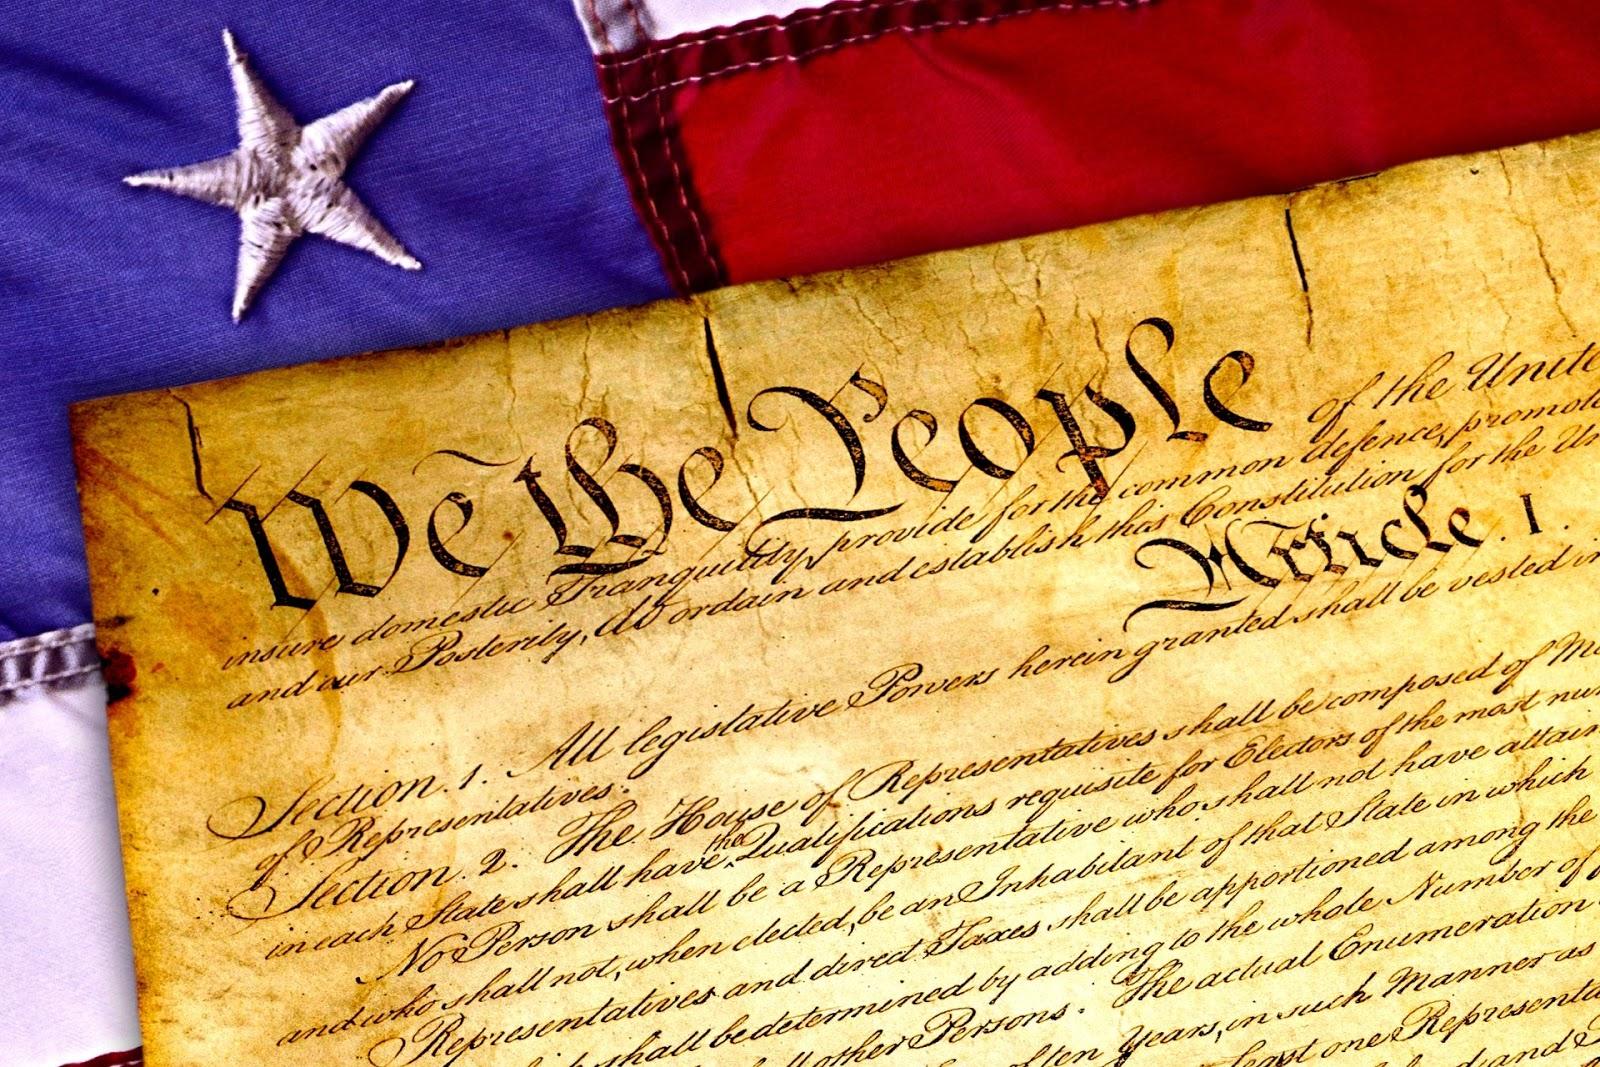 تعريف القانون الدستوري، ﻃﺮﻕ ﻭﺿﻊ ﺍﻟﺪﺳﺘﻮﺭو ﻣﺮﺍﺣﻞ مراجعته